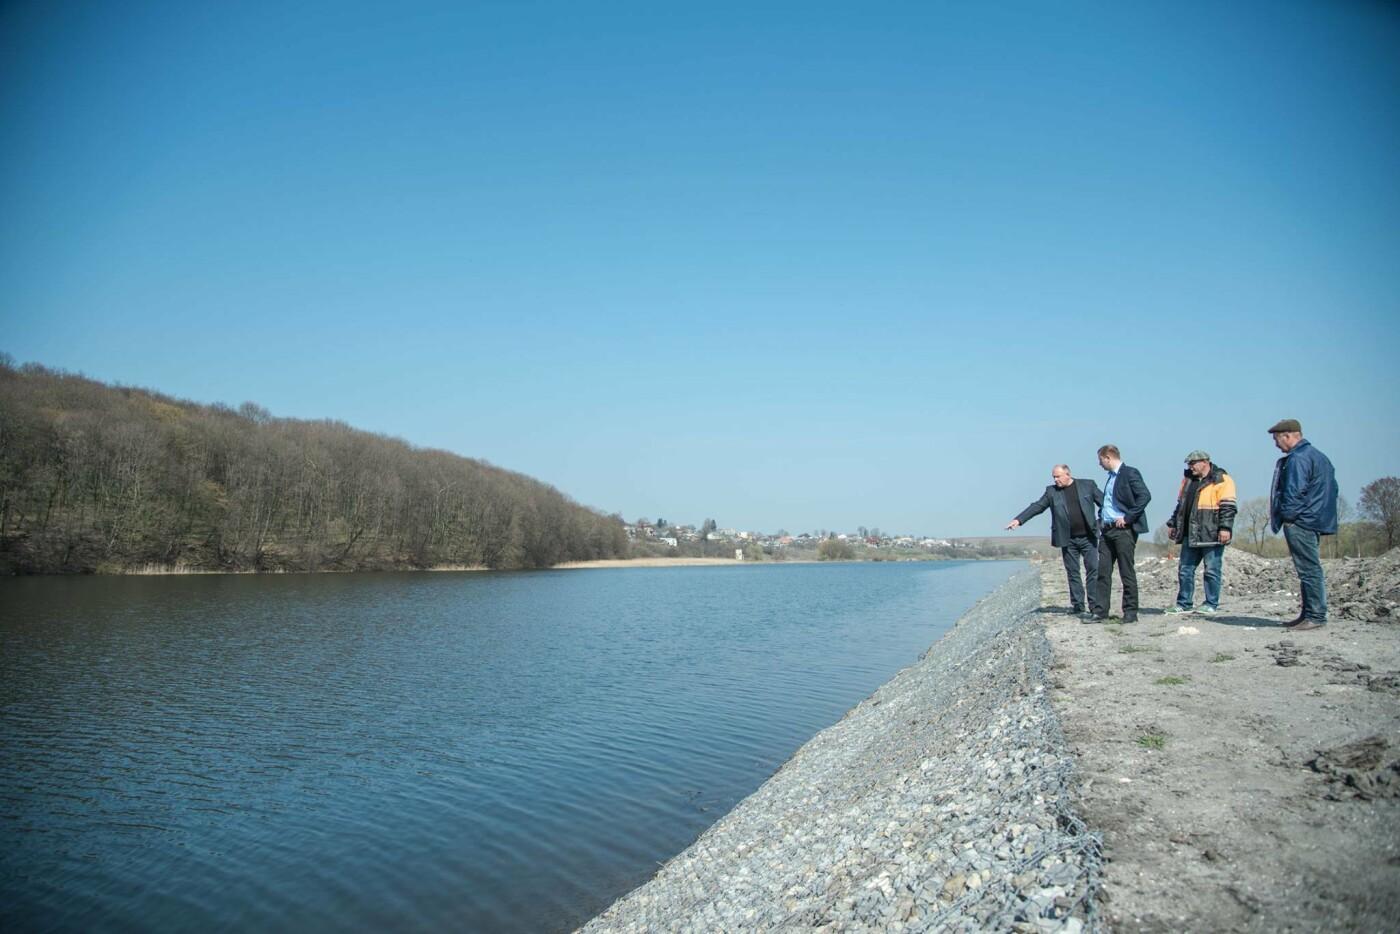 Майже 17 млн грн спрямують цього року на будівництво «Водної арени Тернопіль» (фото, відео), фото-1